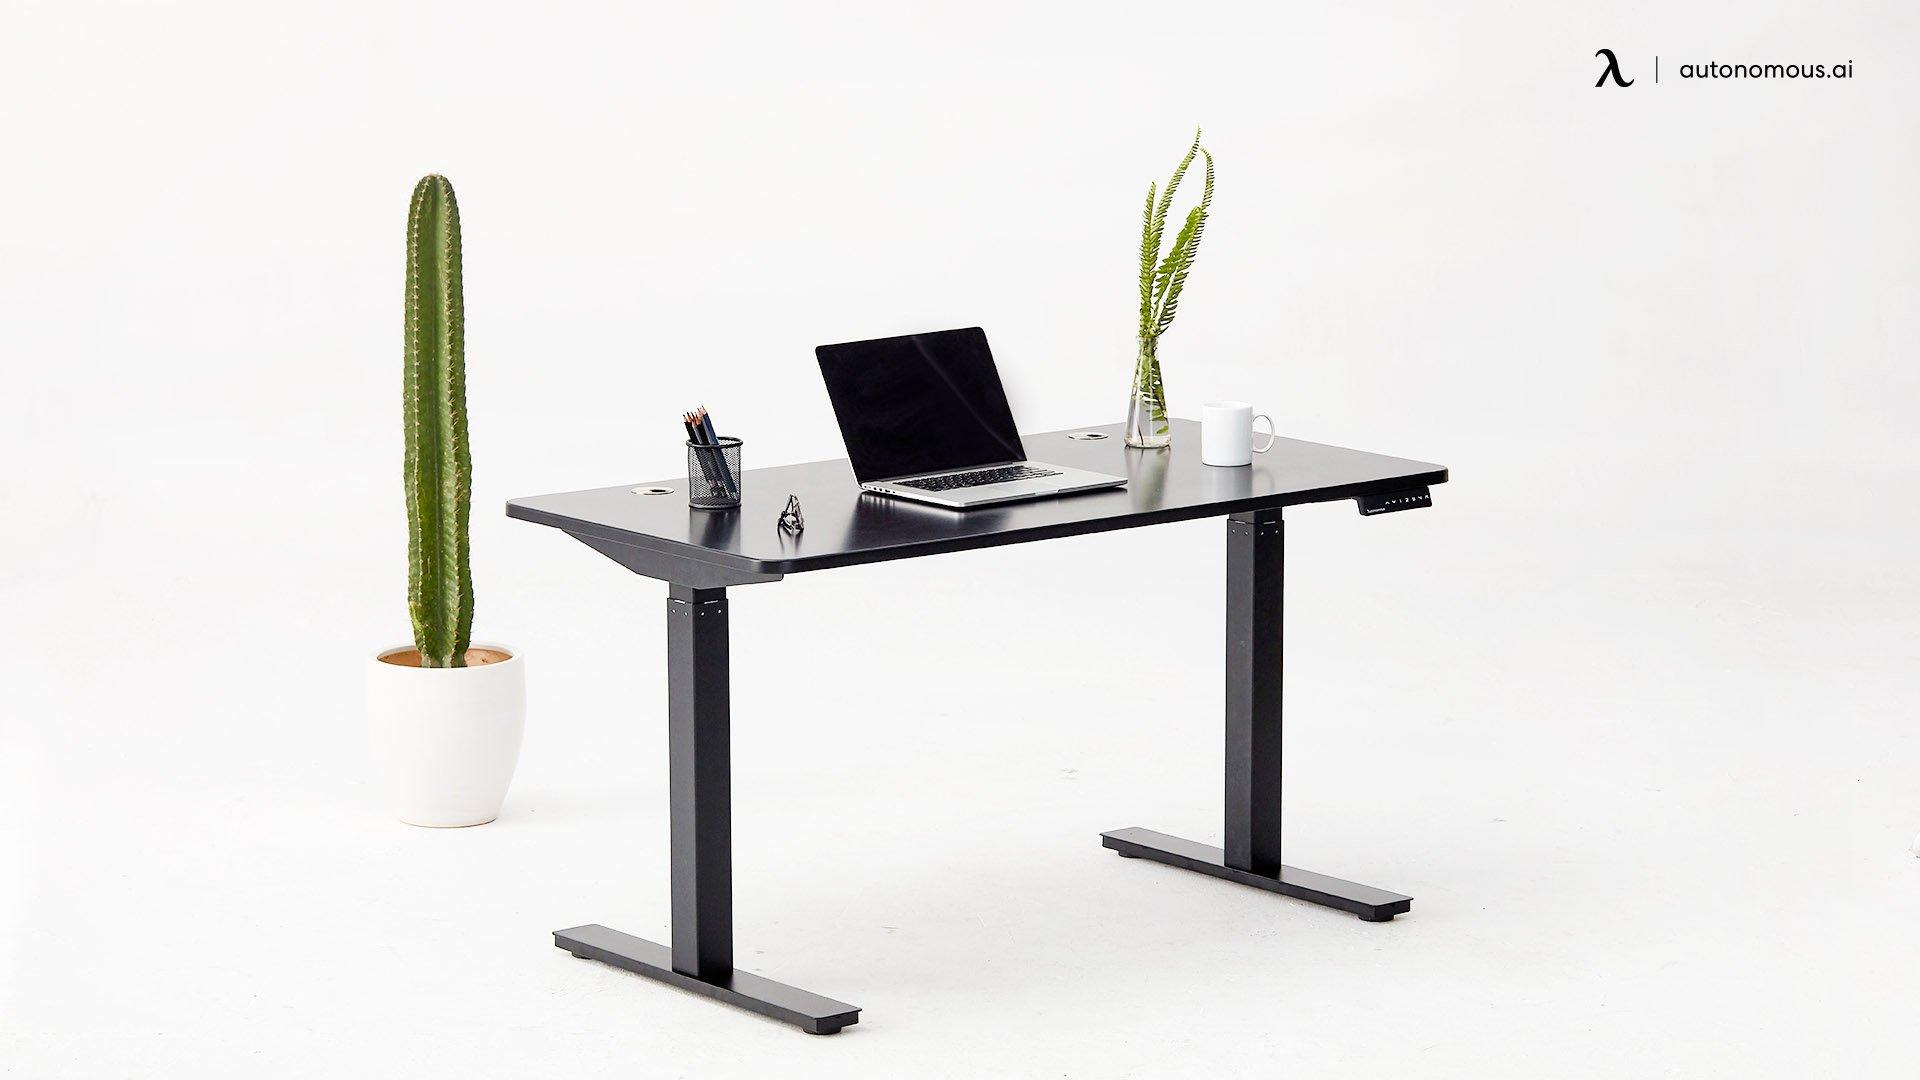 SmartDesk 2 for home office